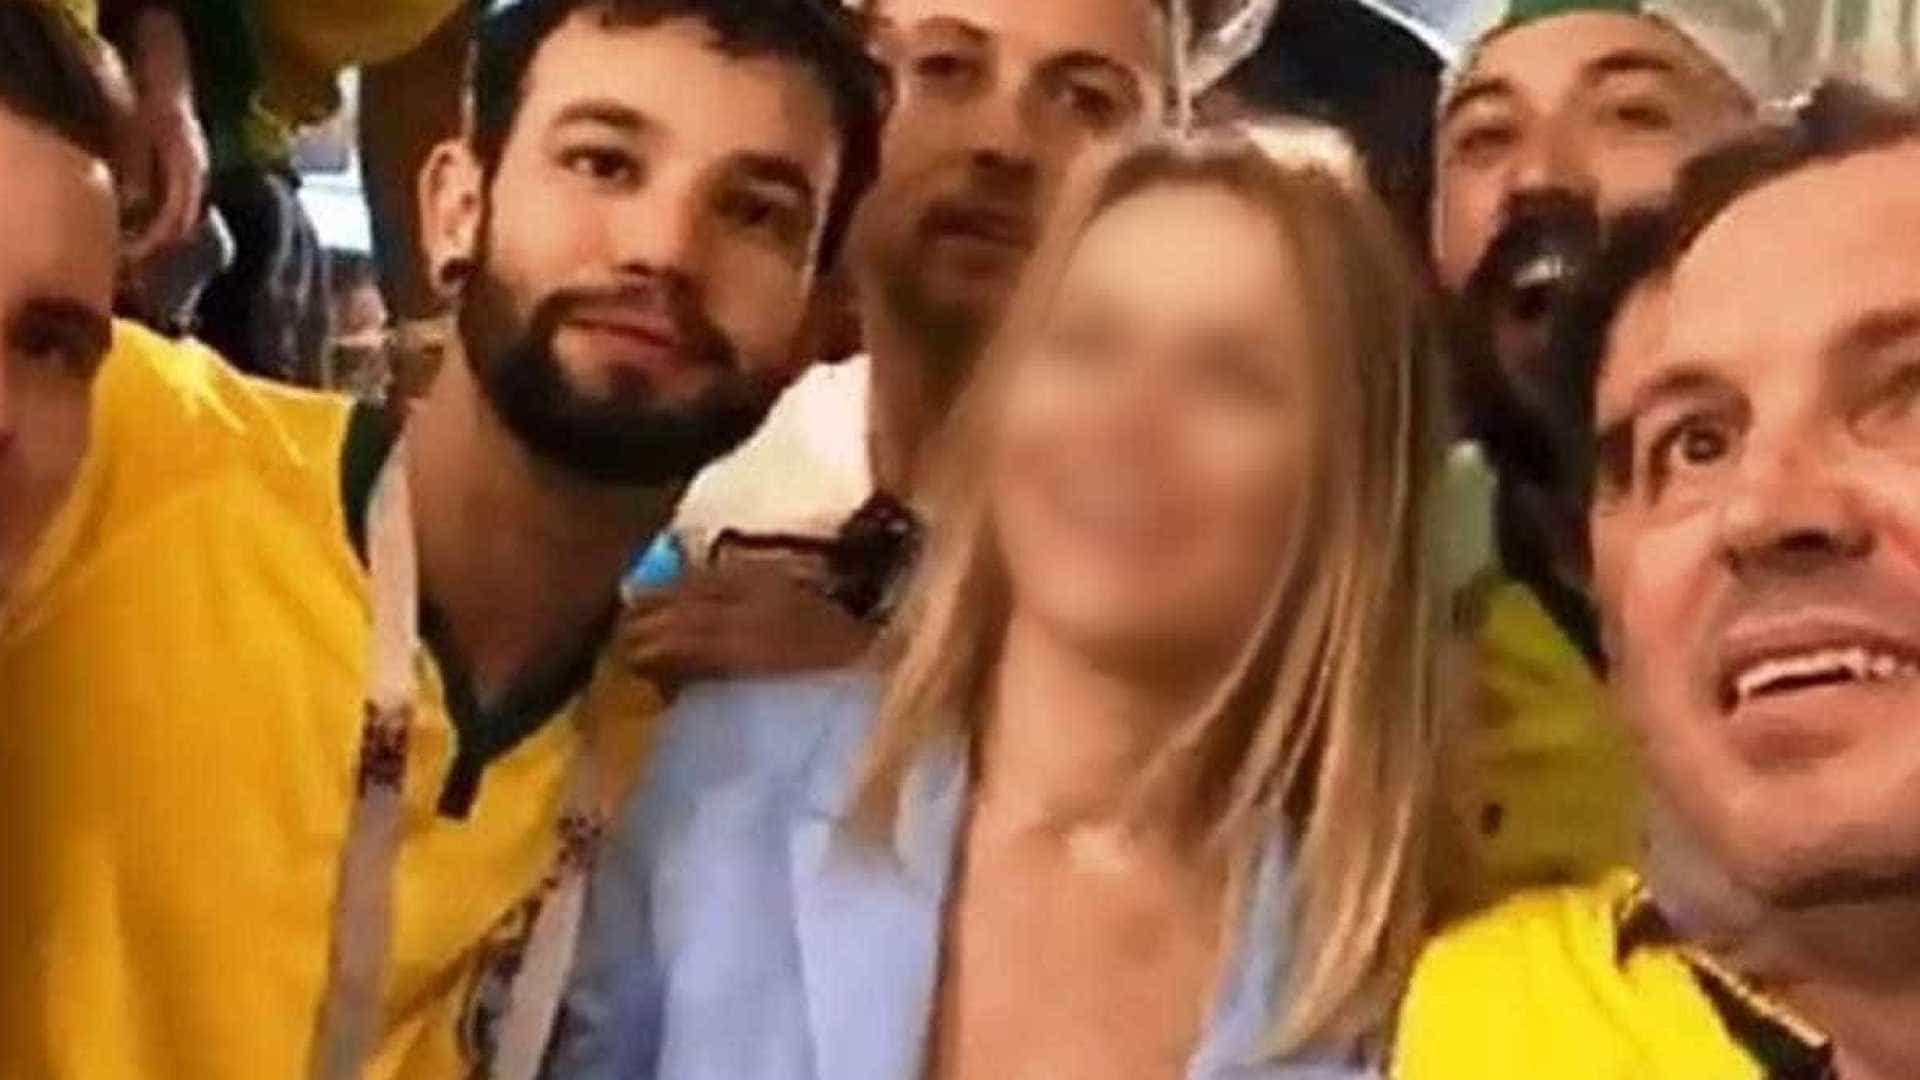 ONU no Brasil fala de assédio a estrangeira na Copa e alerta: 'basta'